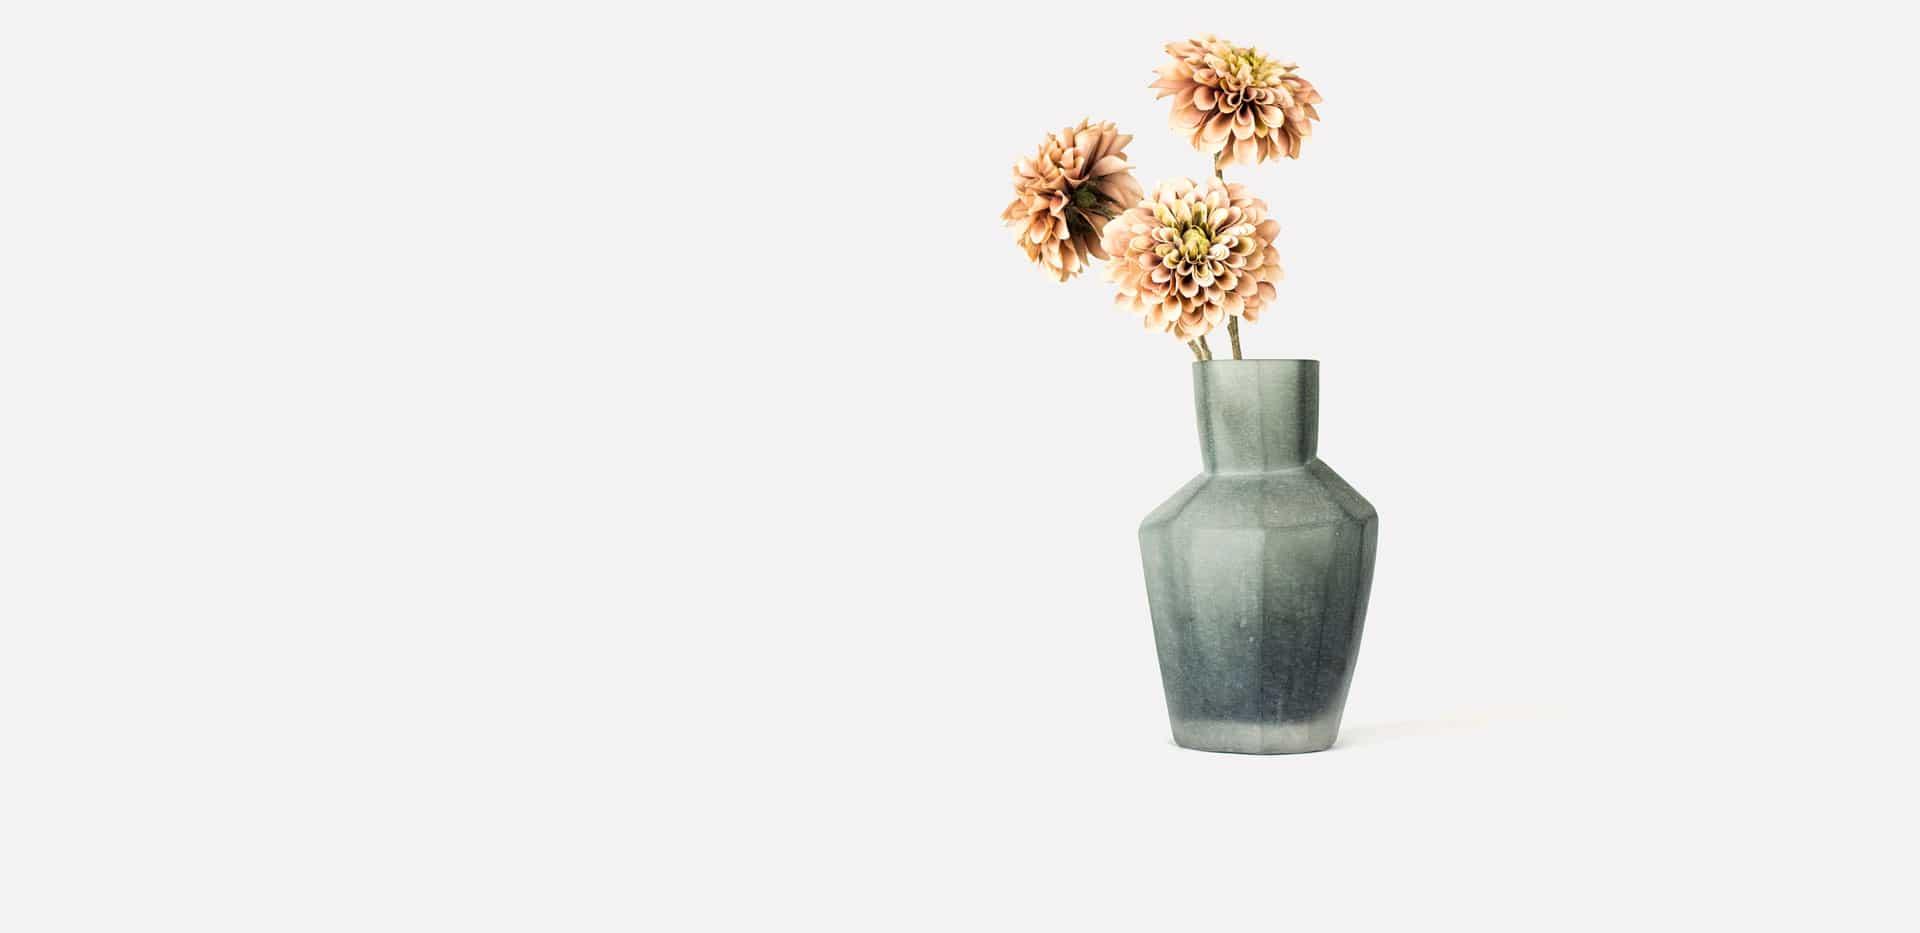 Interior Design online Shop - Glasvase grau mit Blumen